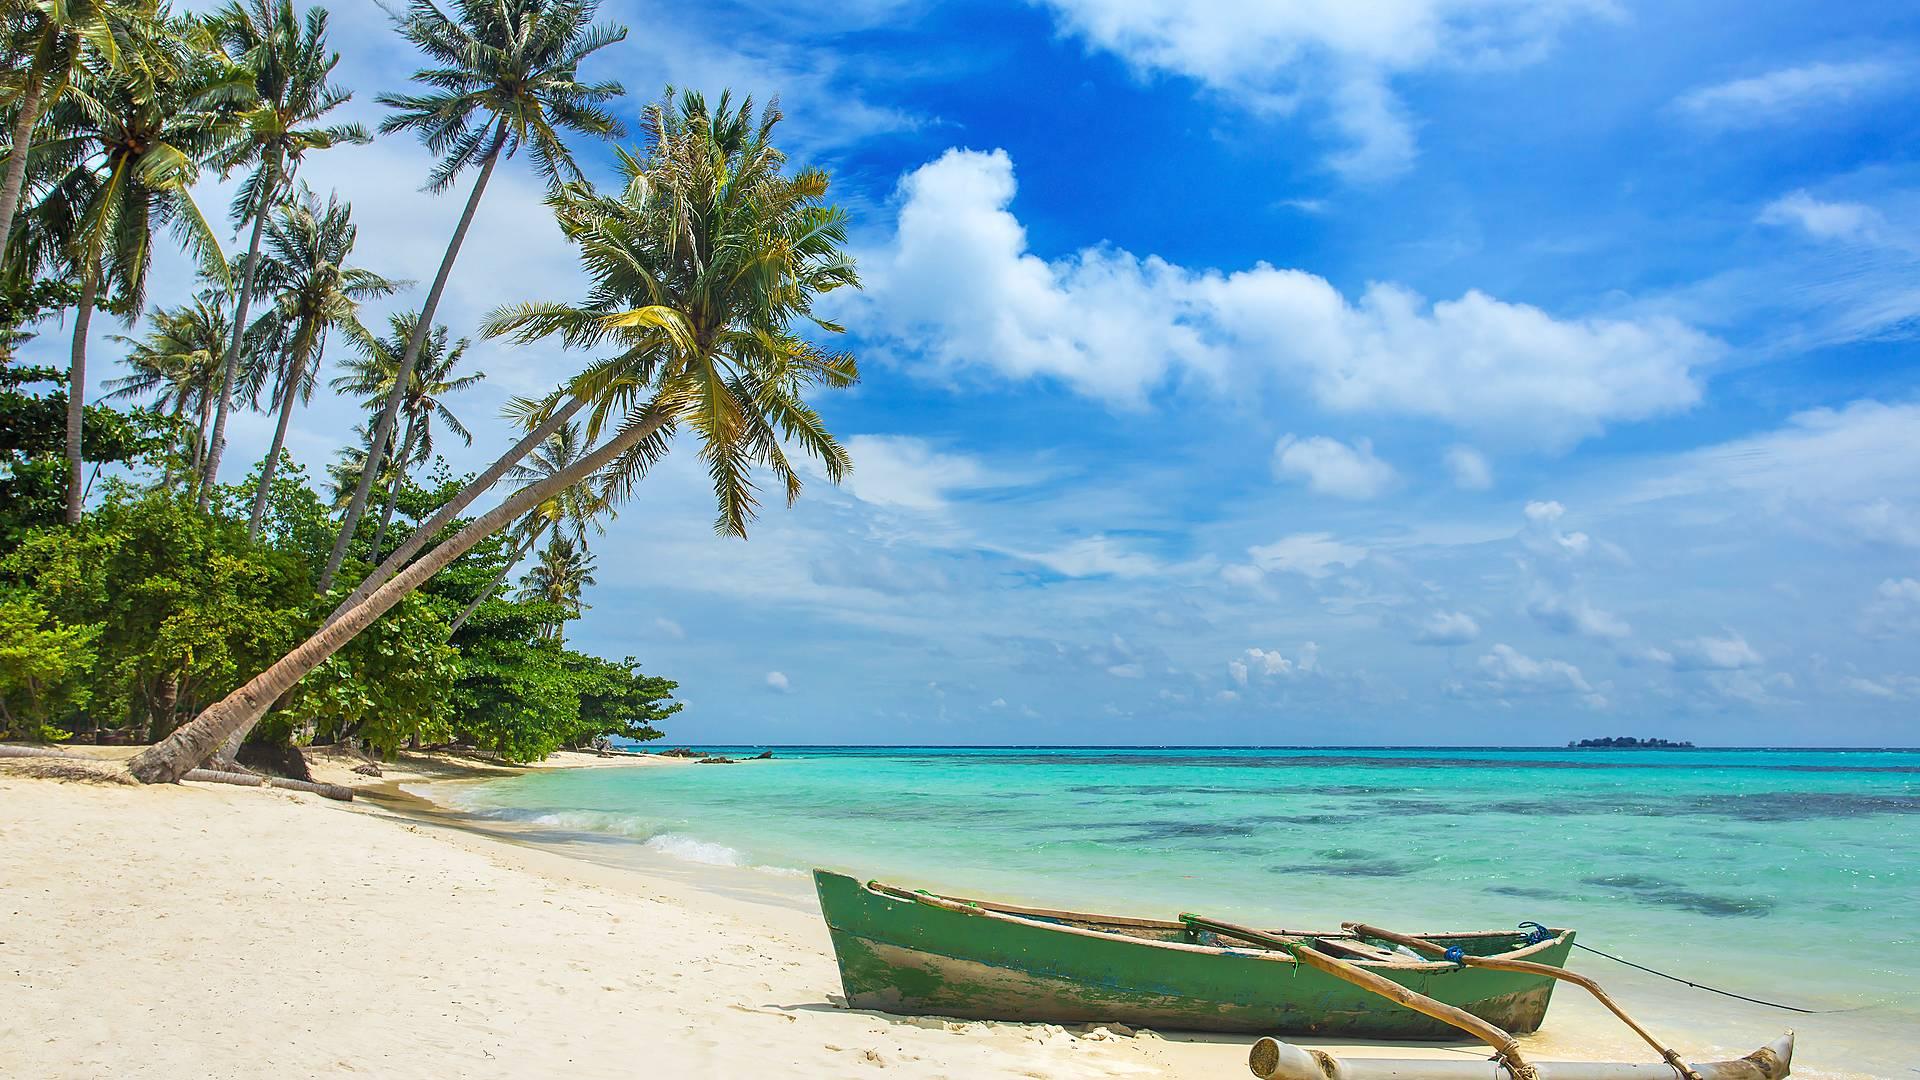 Descubriendo Bali y la isla Karimanjawa